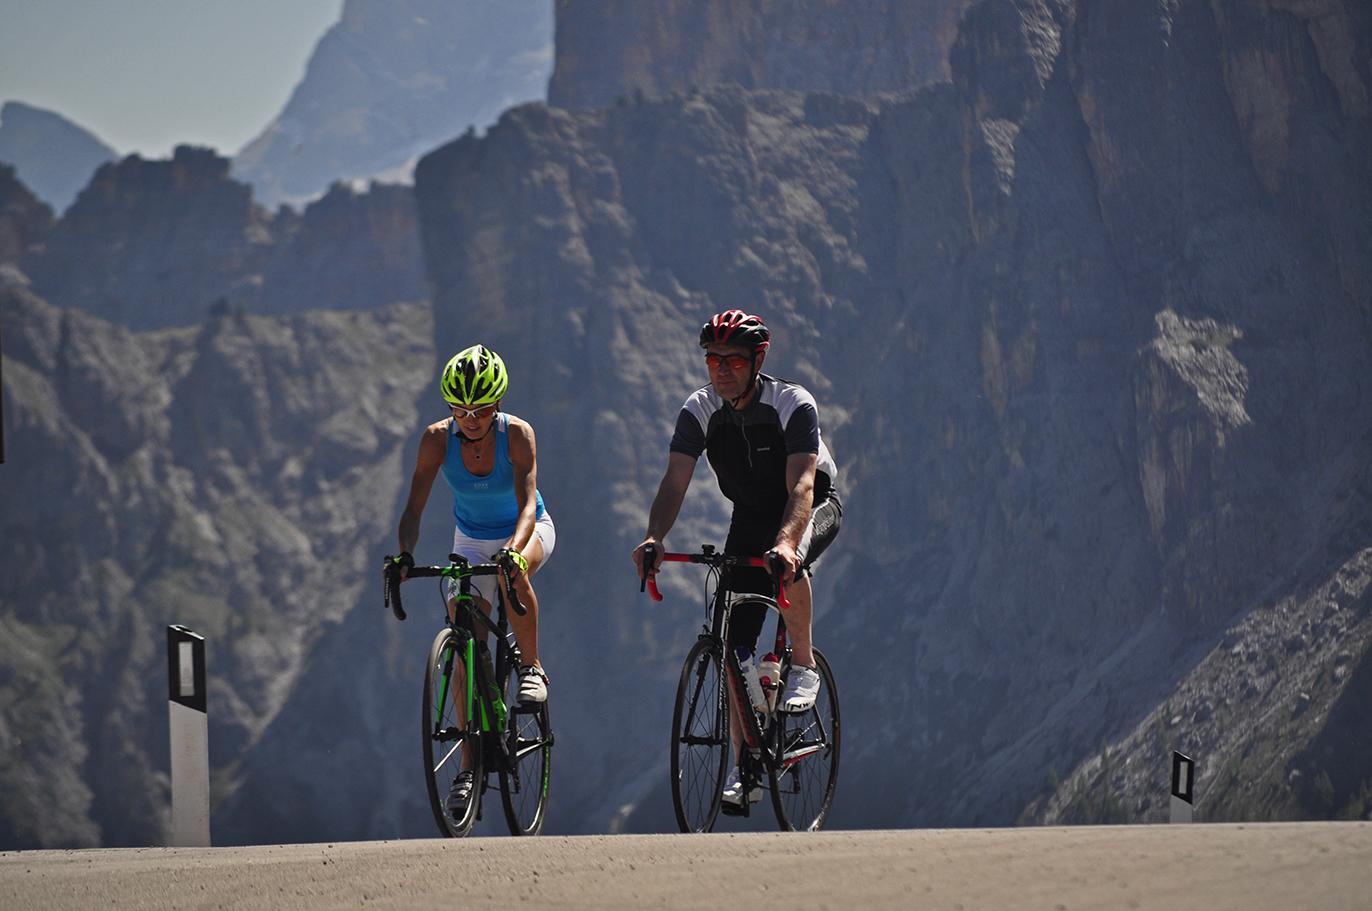 Cristallo_bike2